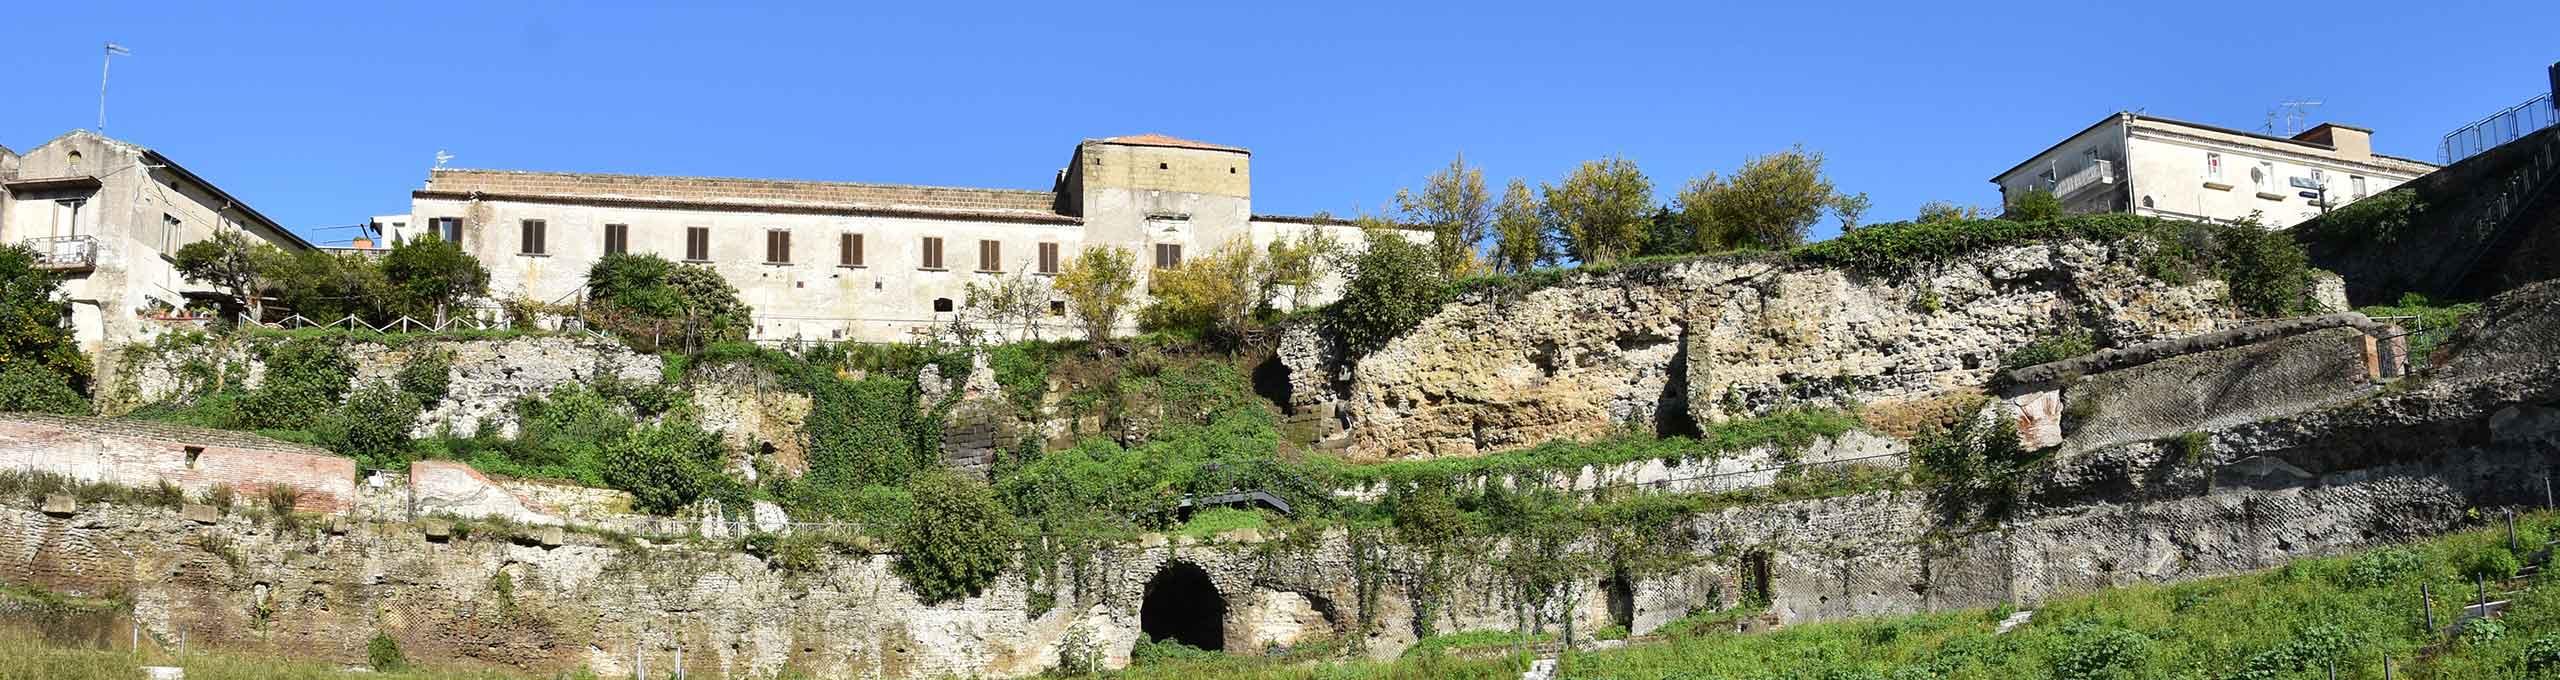 Sessa Aurunca, Campania